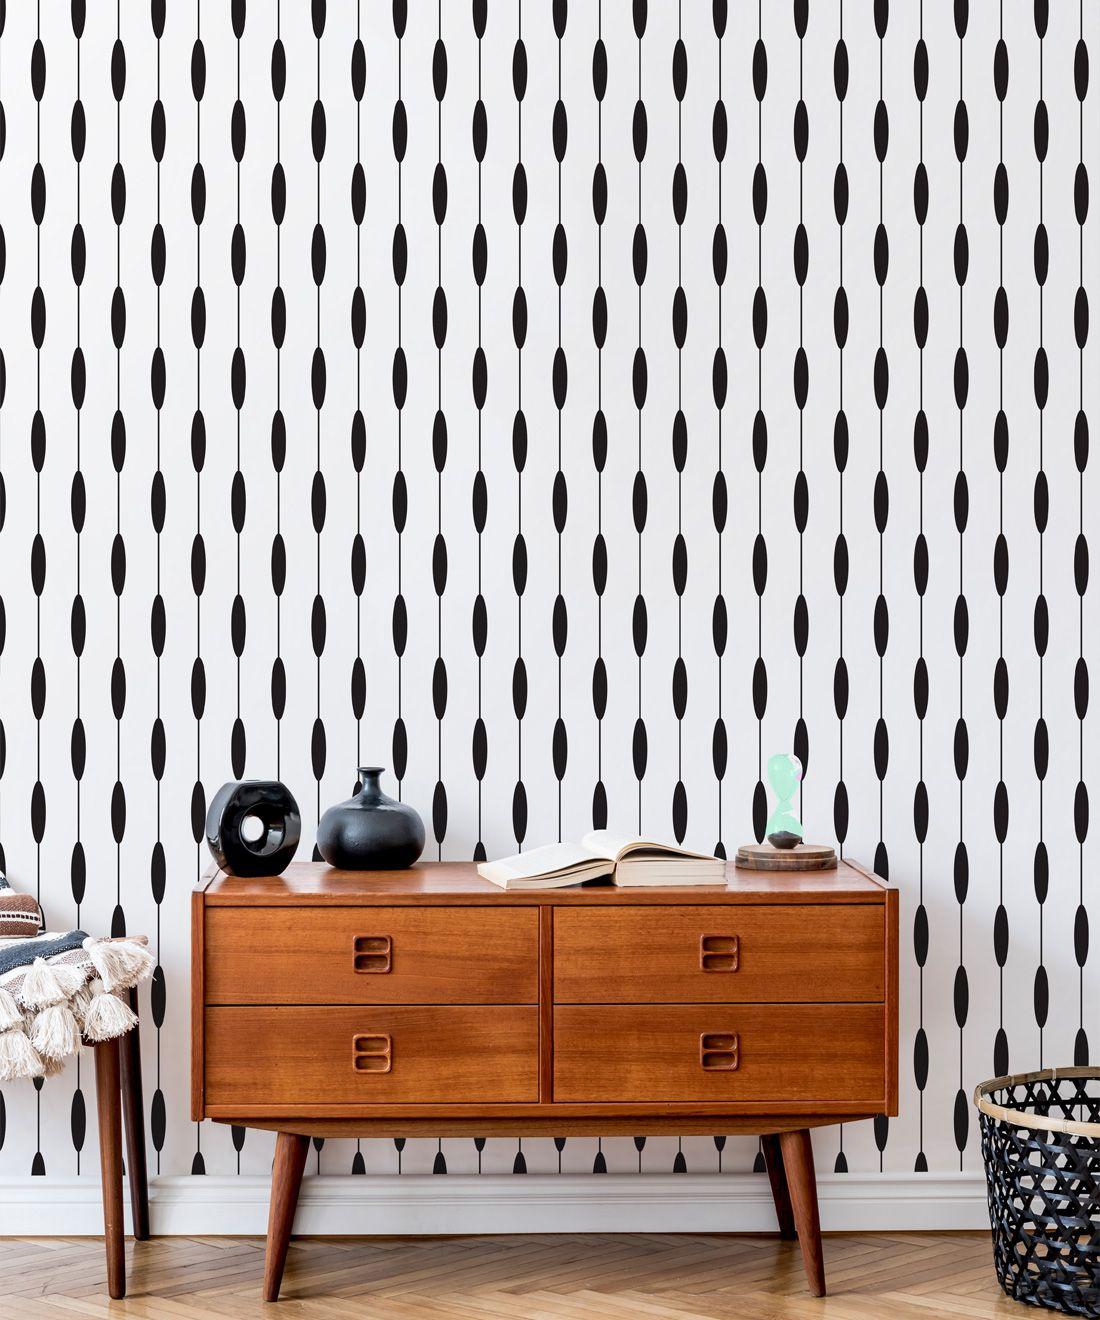 Bowline Wallpaper • Geometric Wallpaper • Striped Wallpaper • Black & White Wallpaper •Insitu